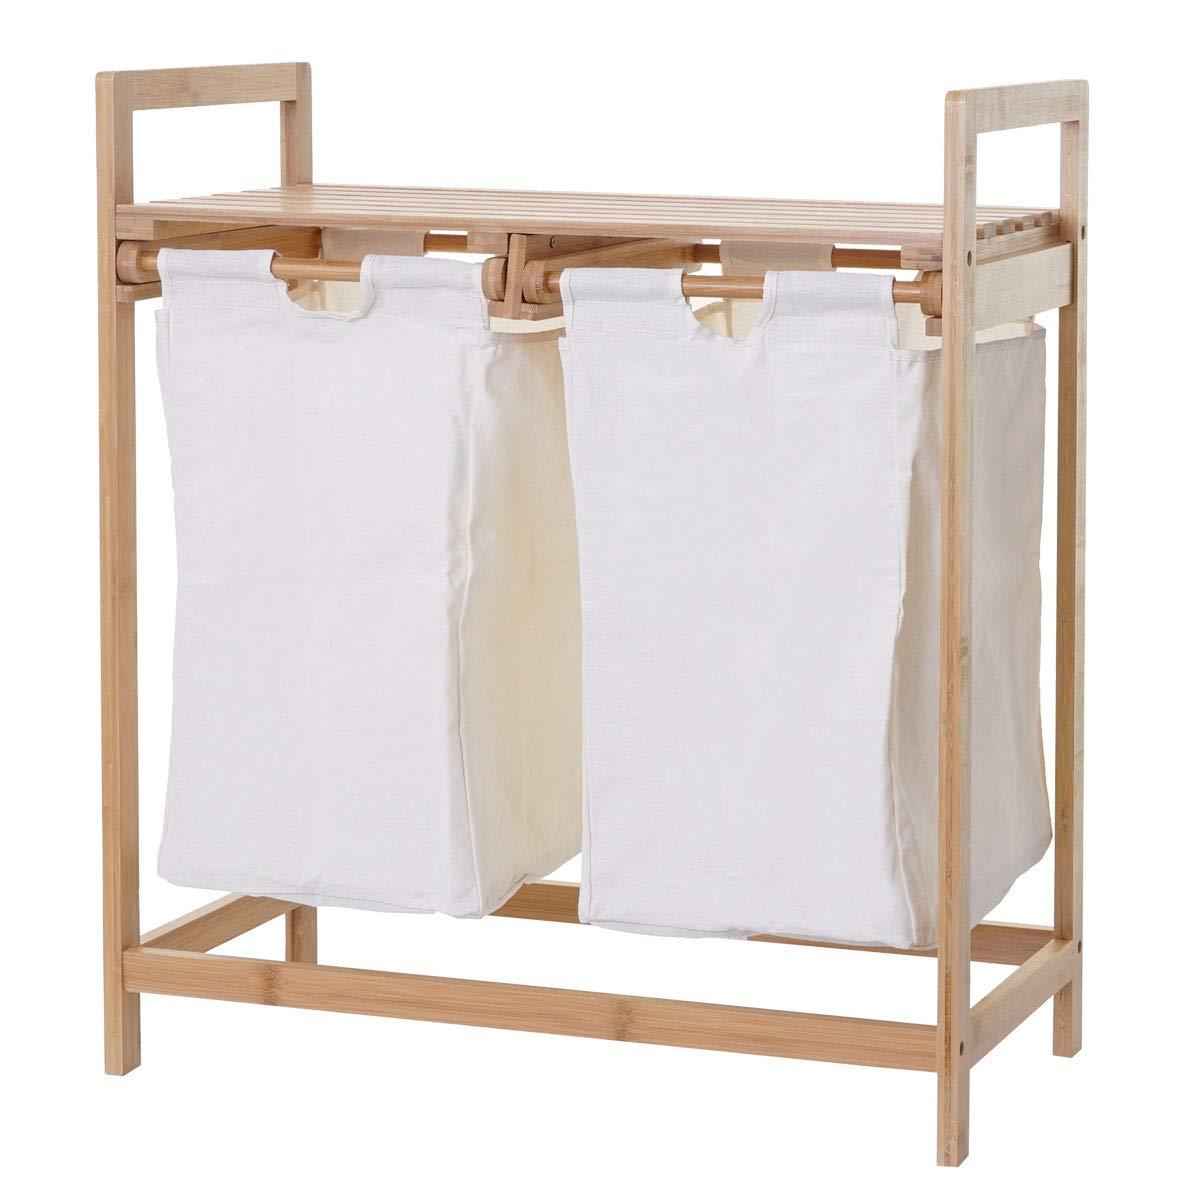 Bambus 2 F/ächer 74x64x33cm 70l Mendler W/äschesammler HWC-B83 Laundry W/äschesortierer W/äschebox W/äschekorb W/äschebeh/älter